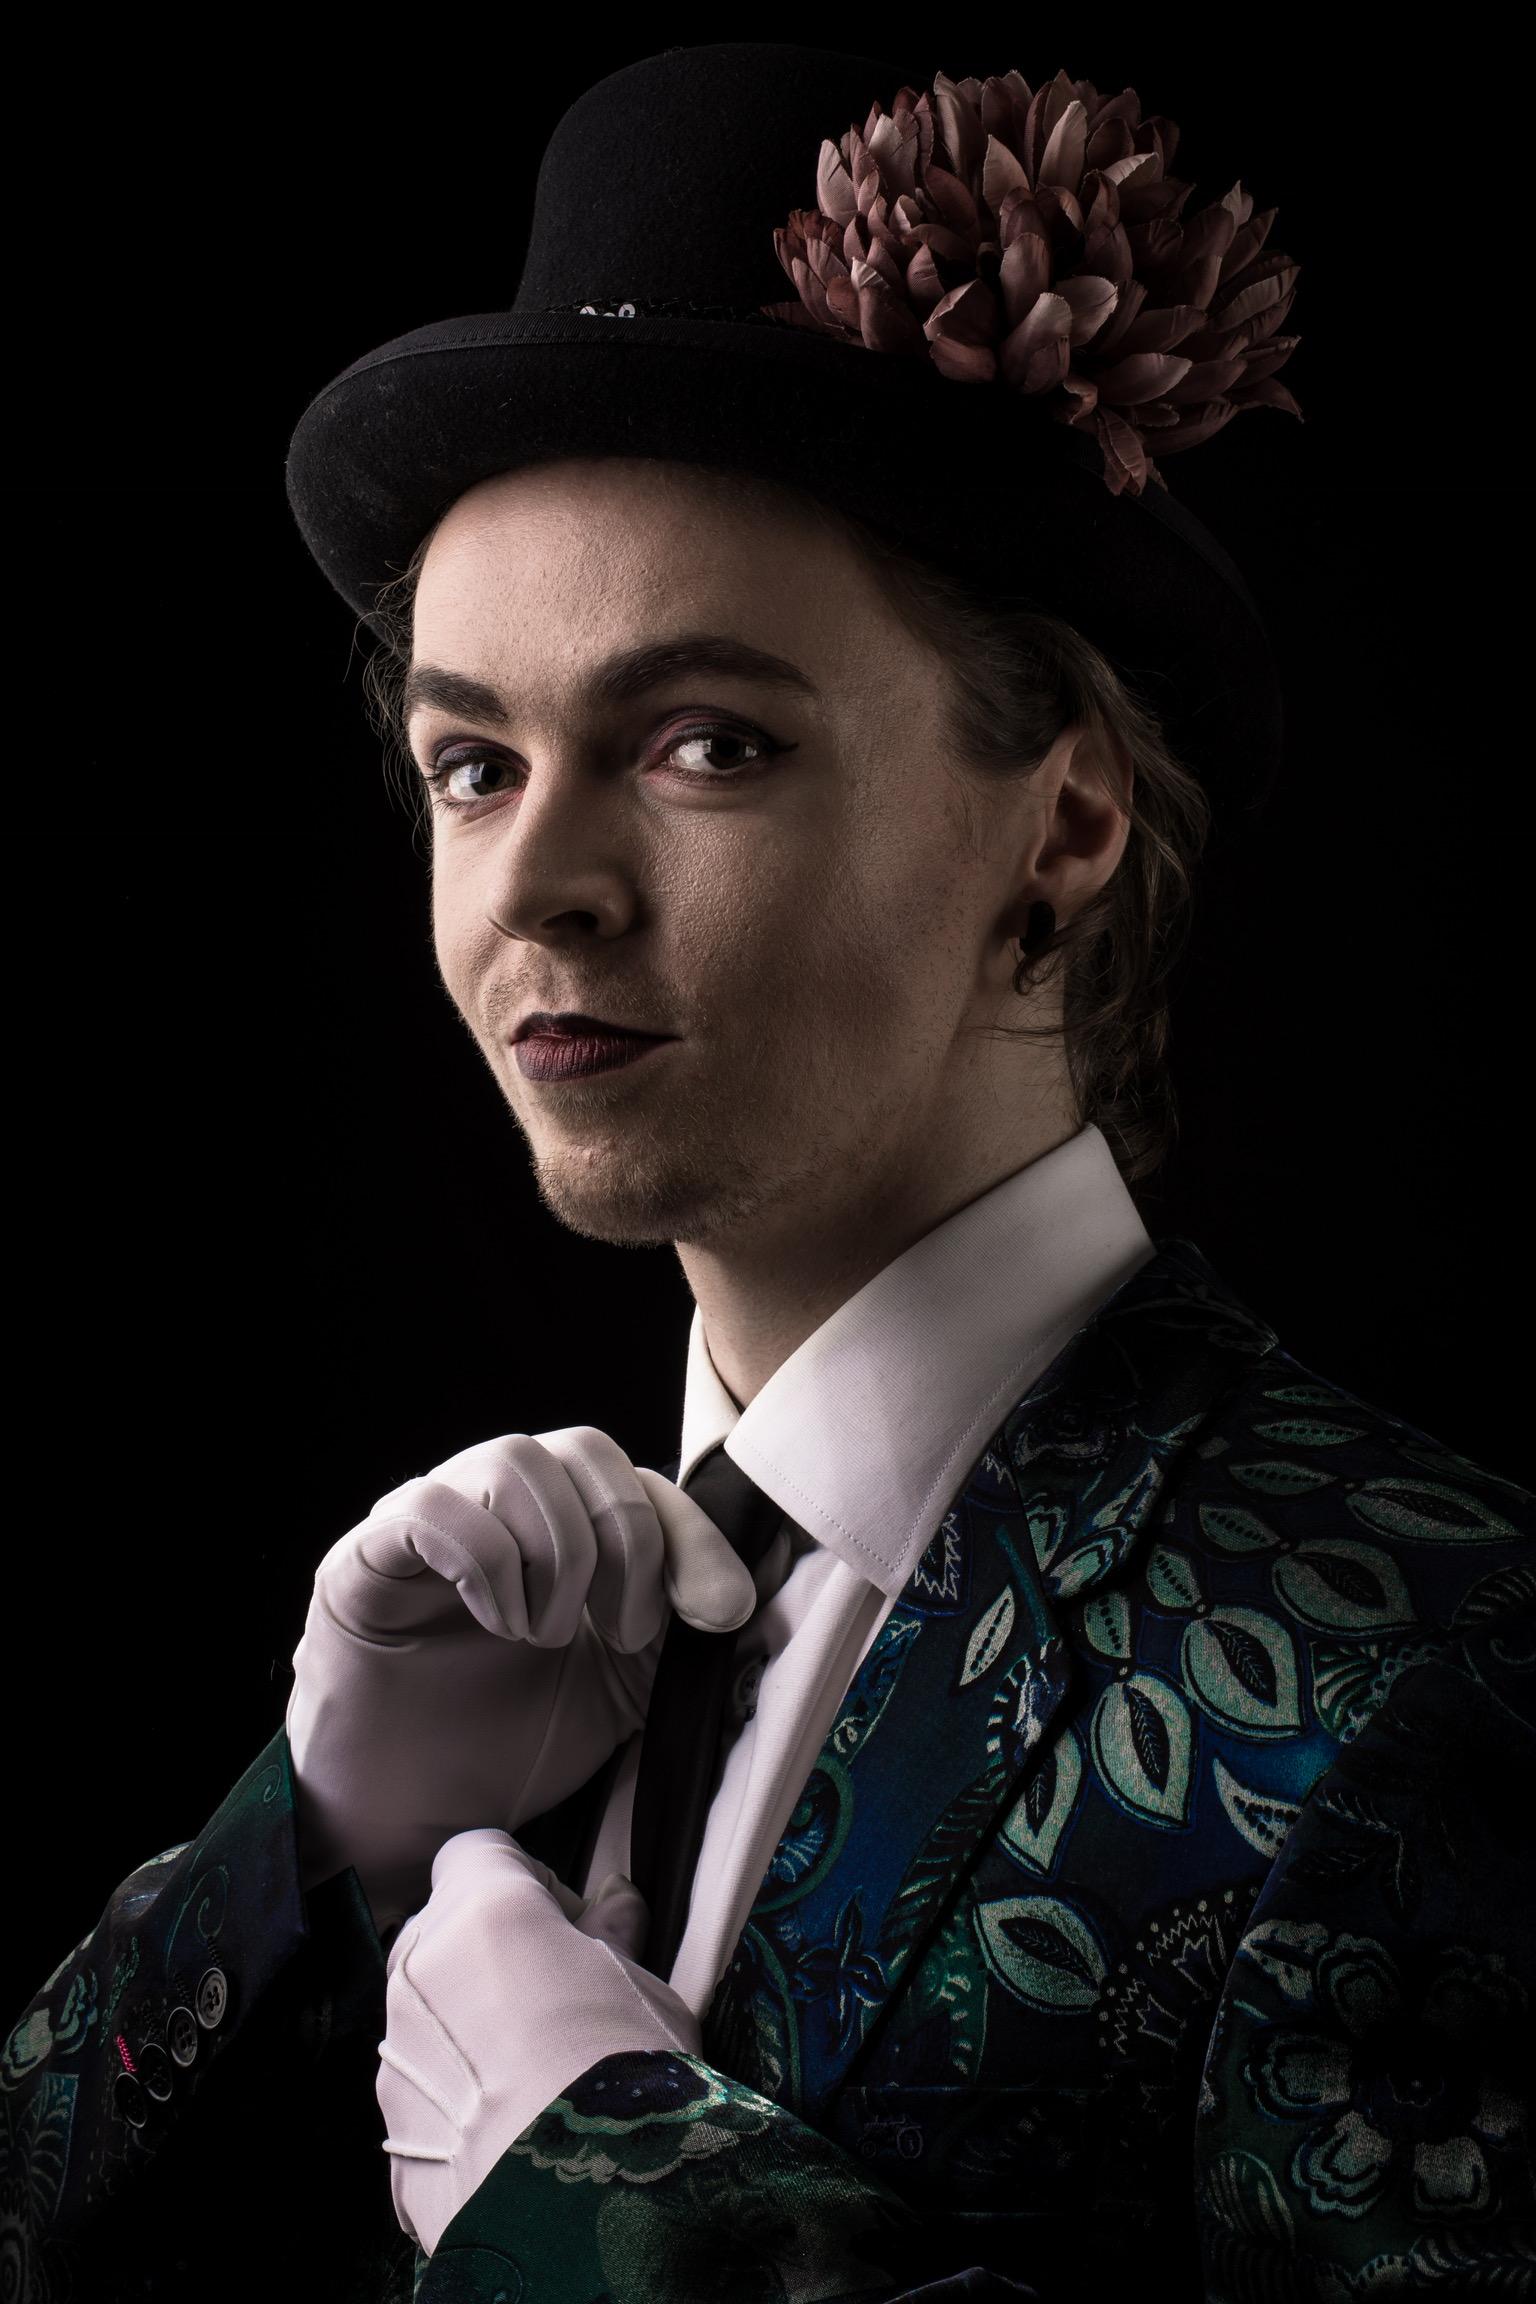 Teater Malstrøm har ansat en erfaren burlesque kunstner